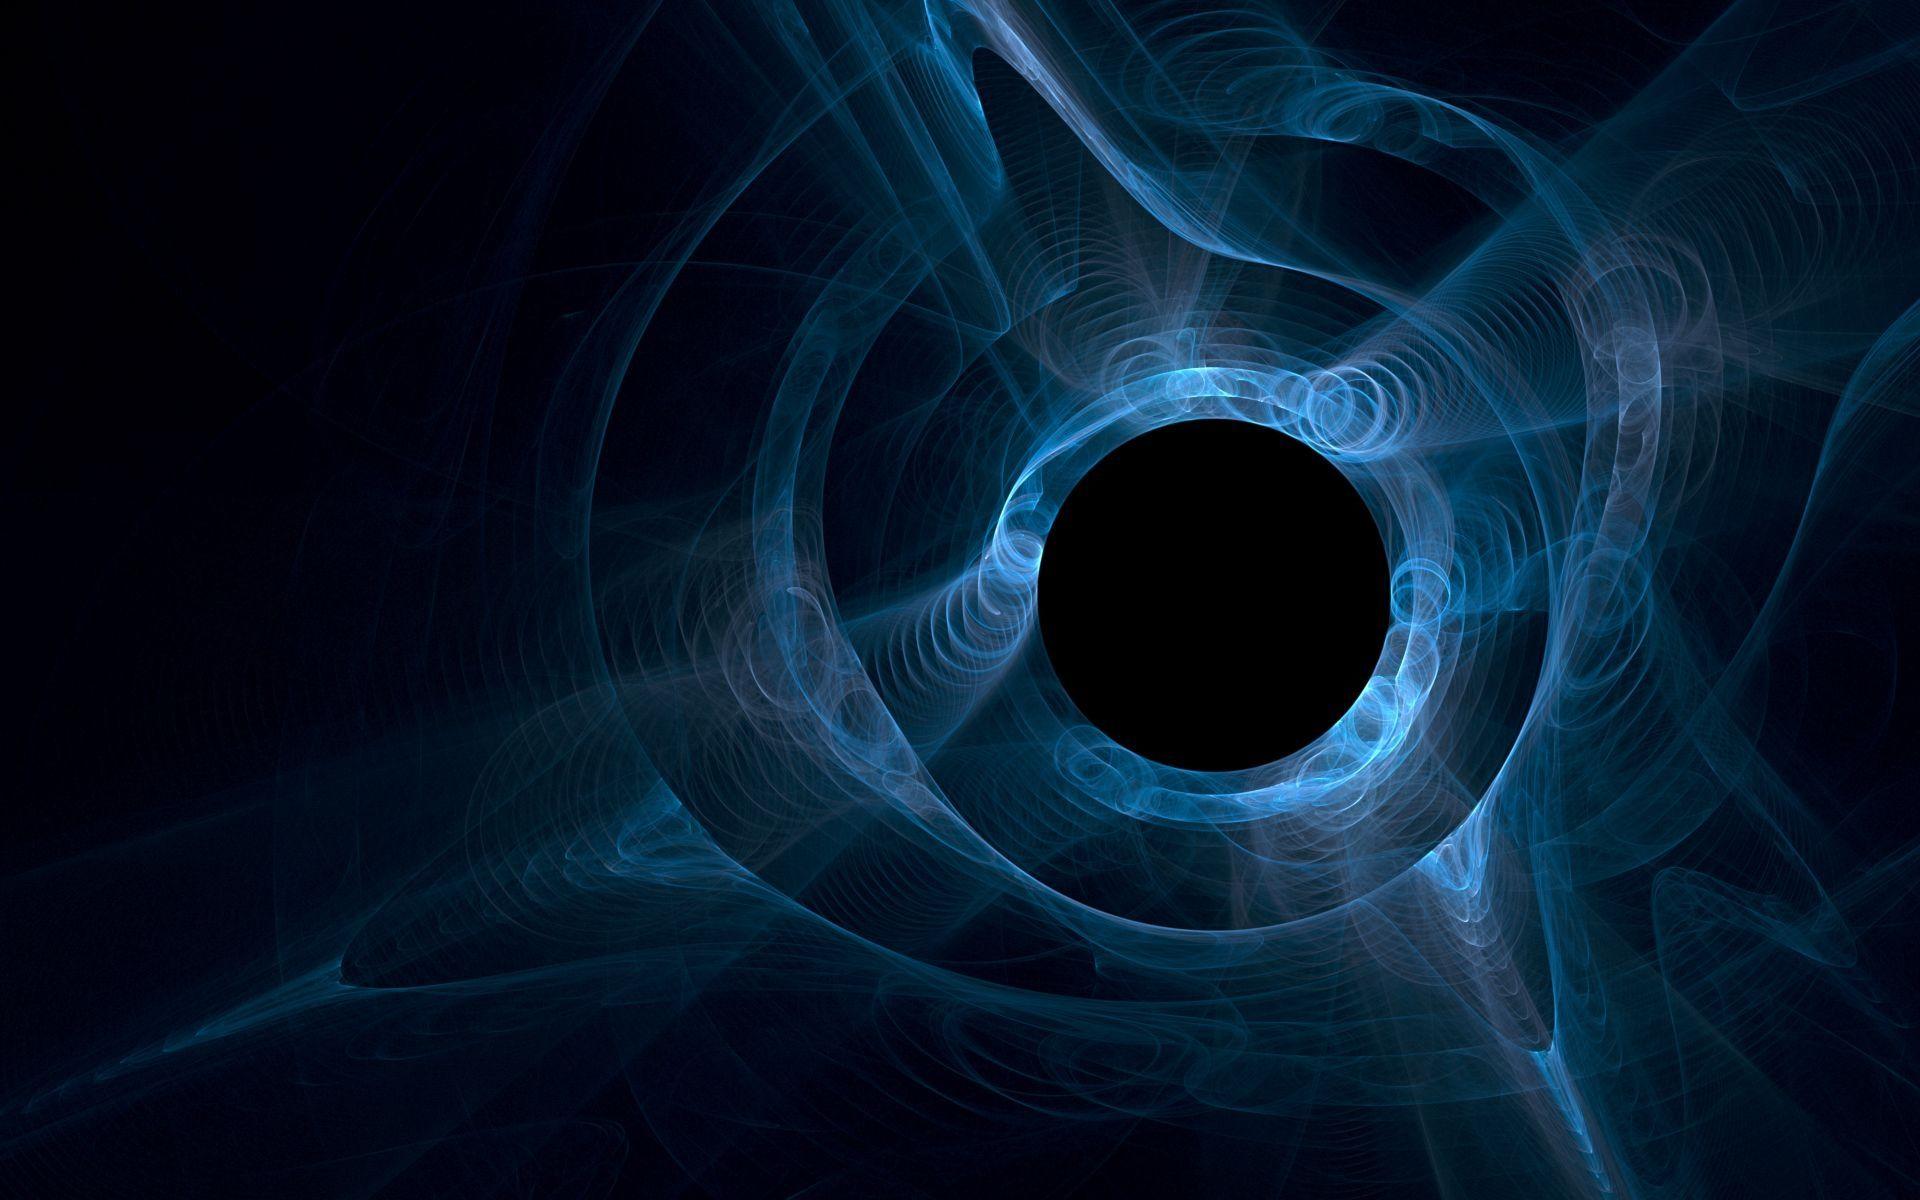 Black Hole, Image